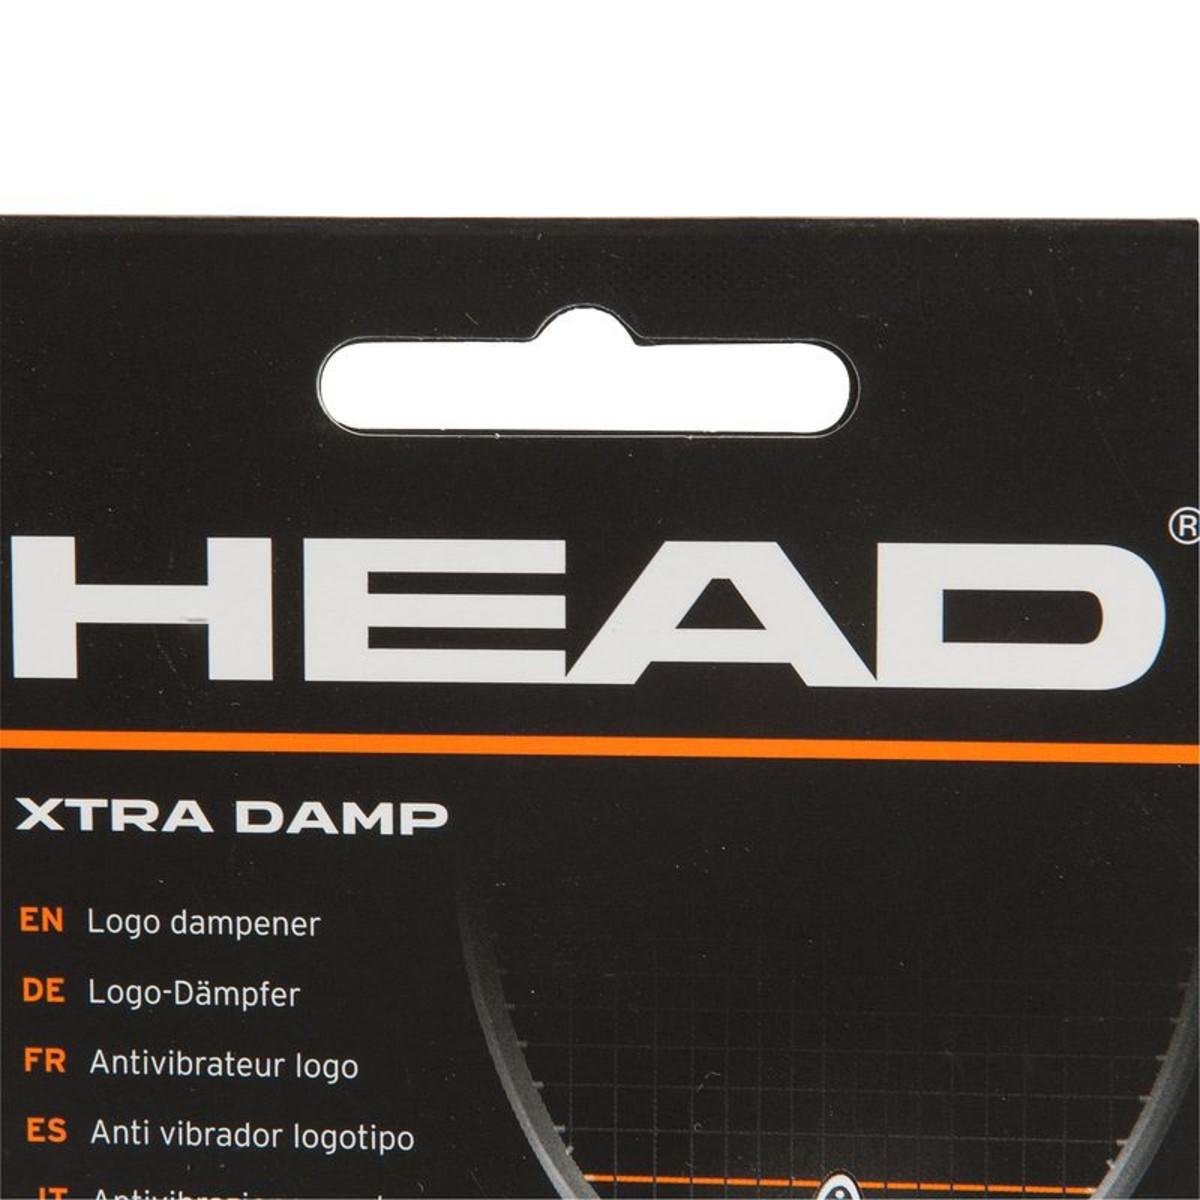 Bild 5 von HEAD Tennis Vibrationsdämpfer Xtra Damp , Größe: SCHWARZ